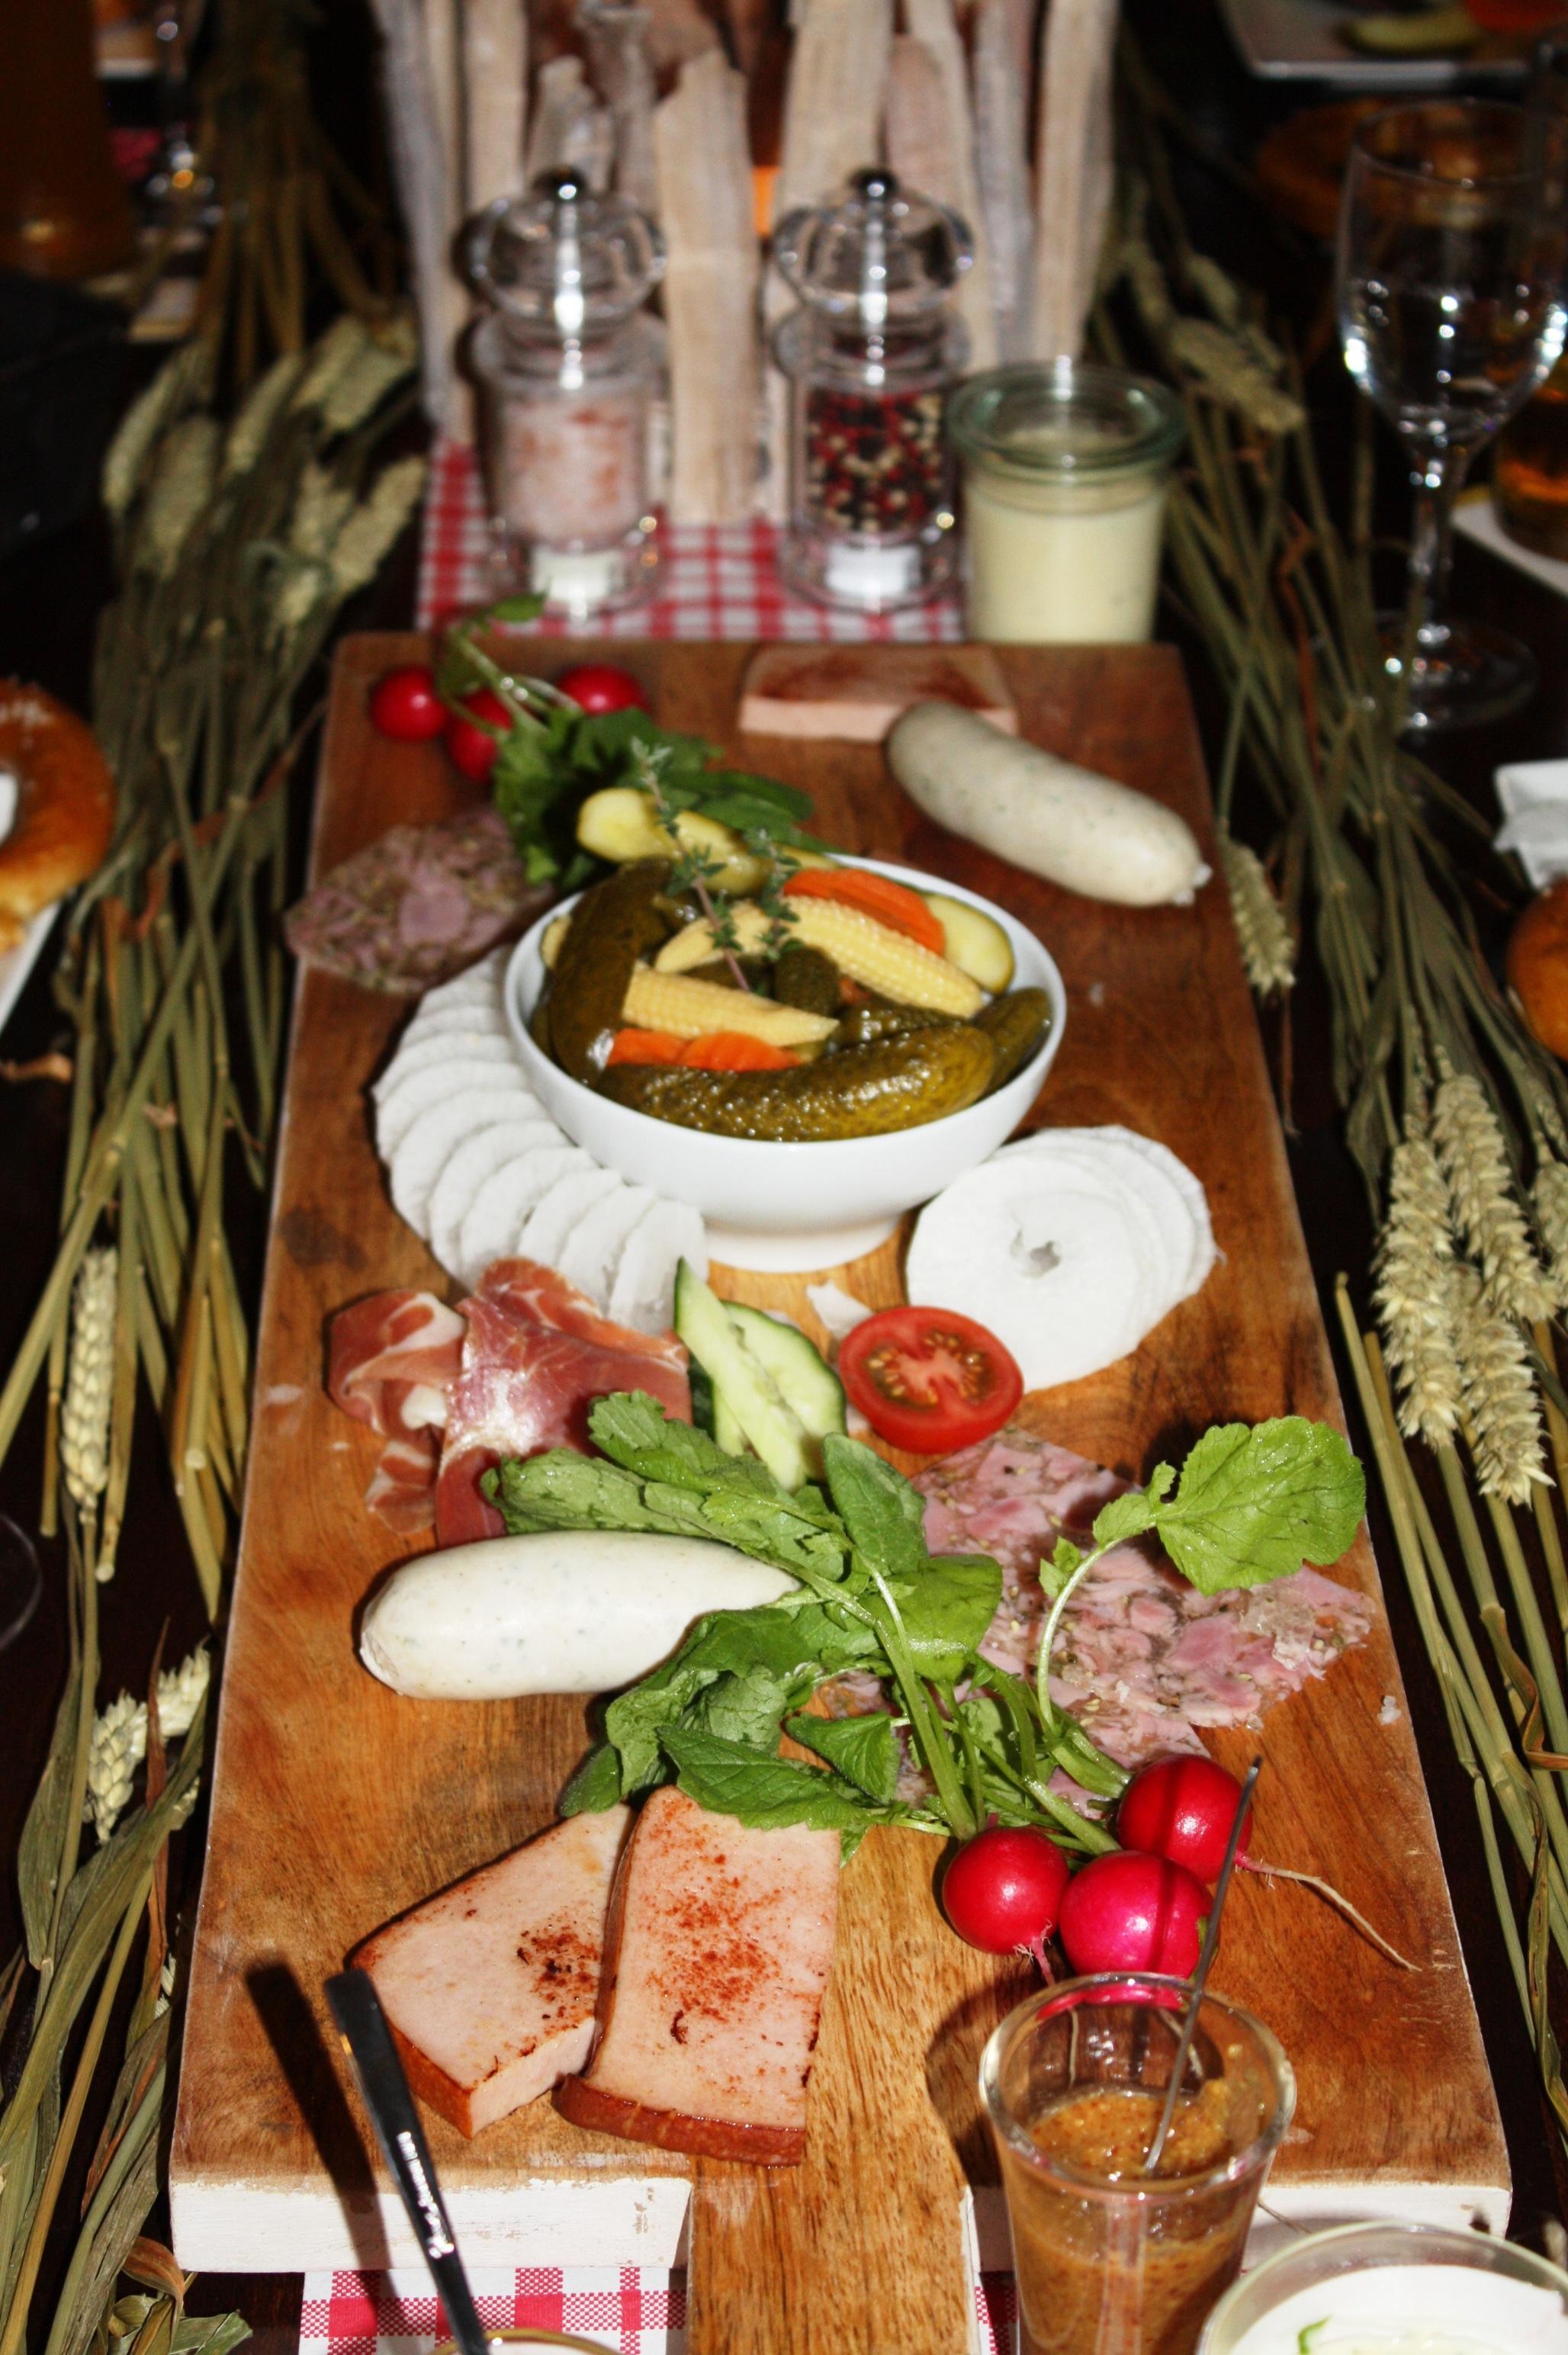 Restaurant Weihnachtsessen.Kostenlose Foto Restaurant Gericht Mahlzeit Lebensmittel Essen